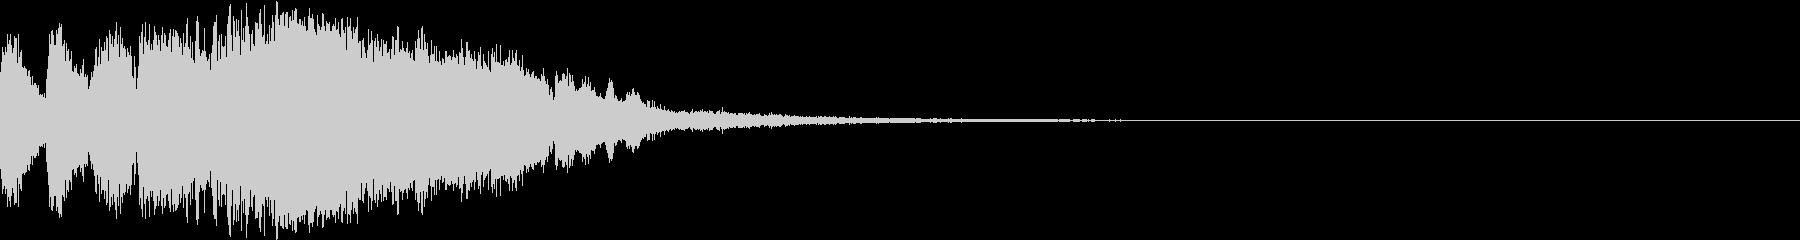 ファンファーレ シンプル 正解合格 16の未再生の波形